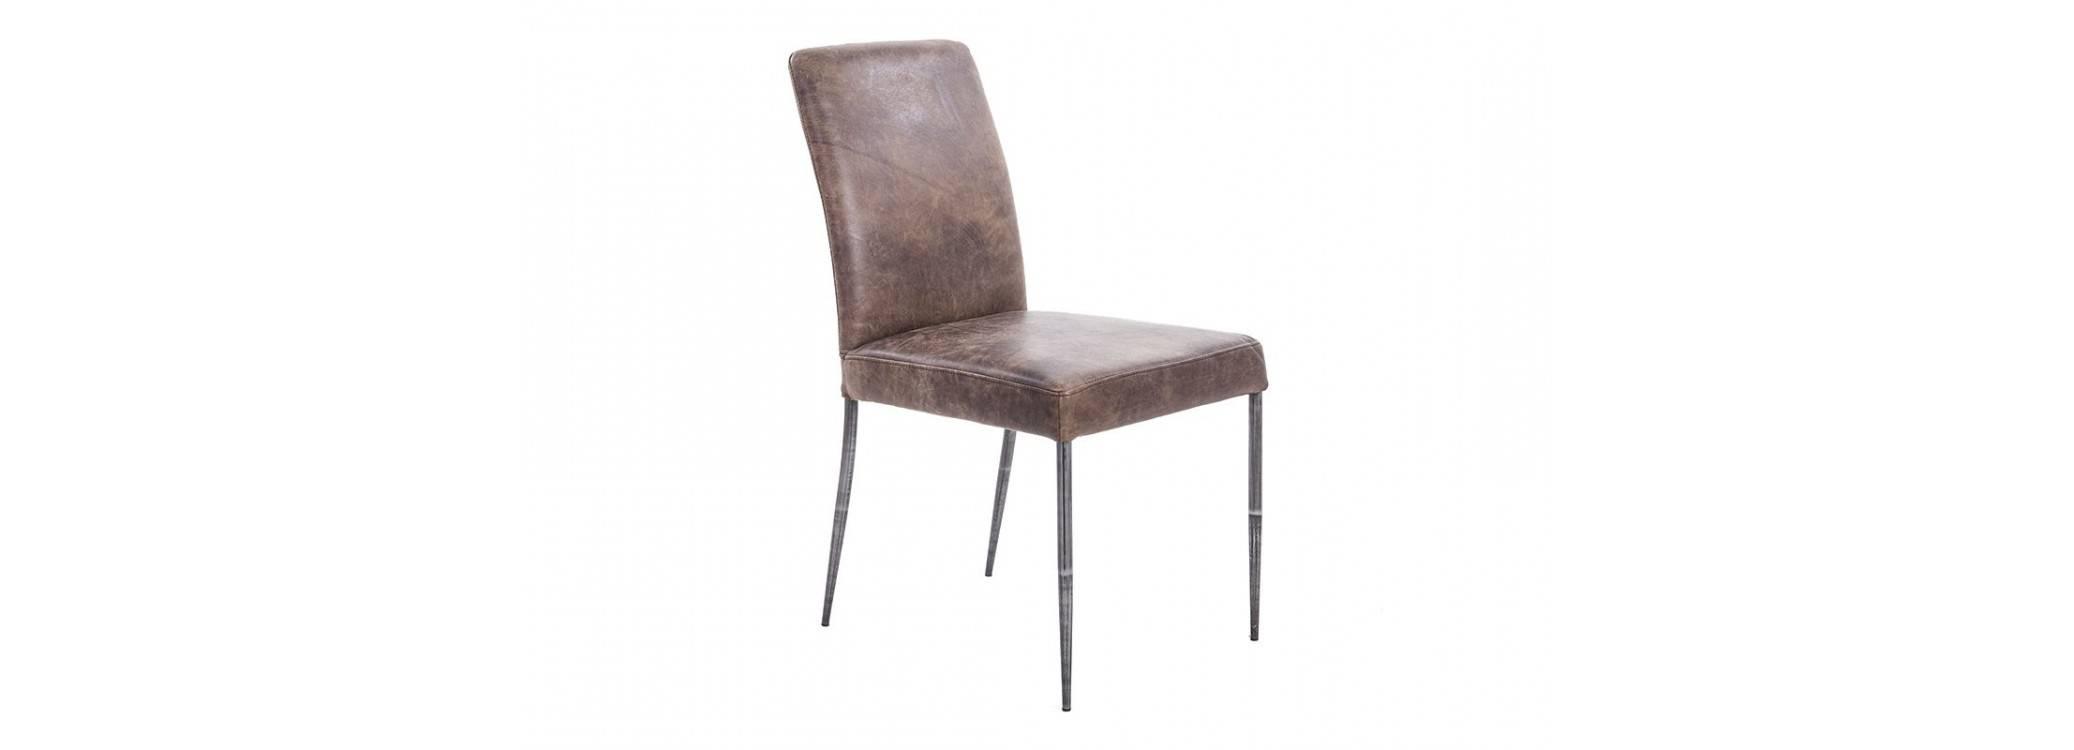 Chaise en cuir marron vintage et métal noir